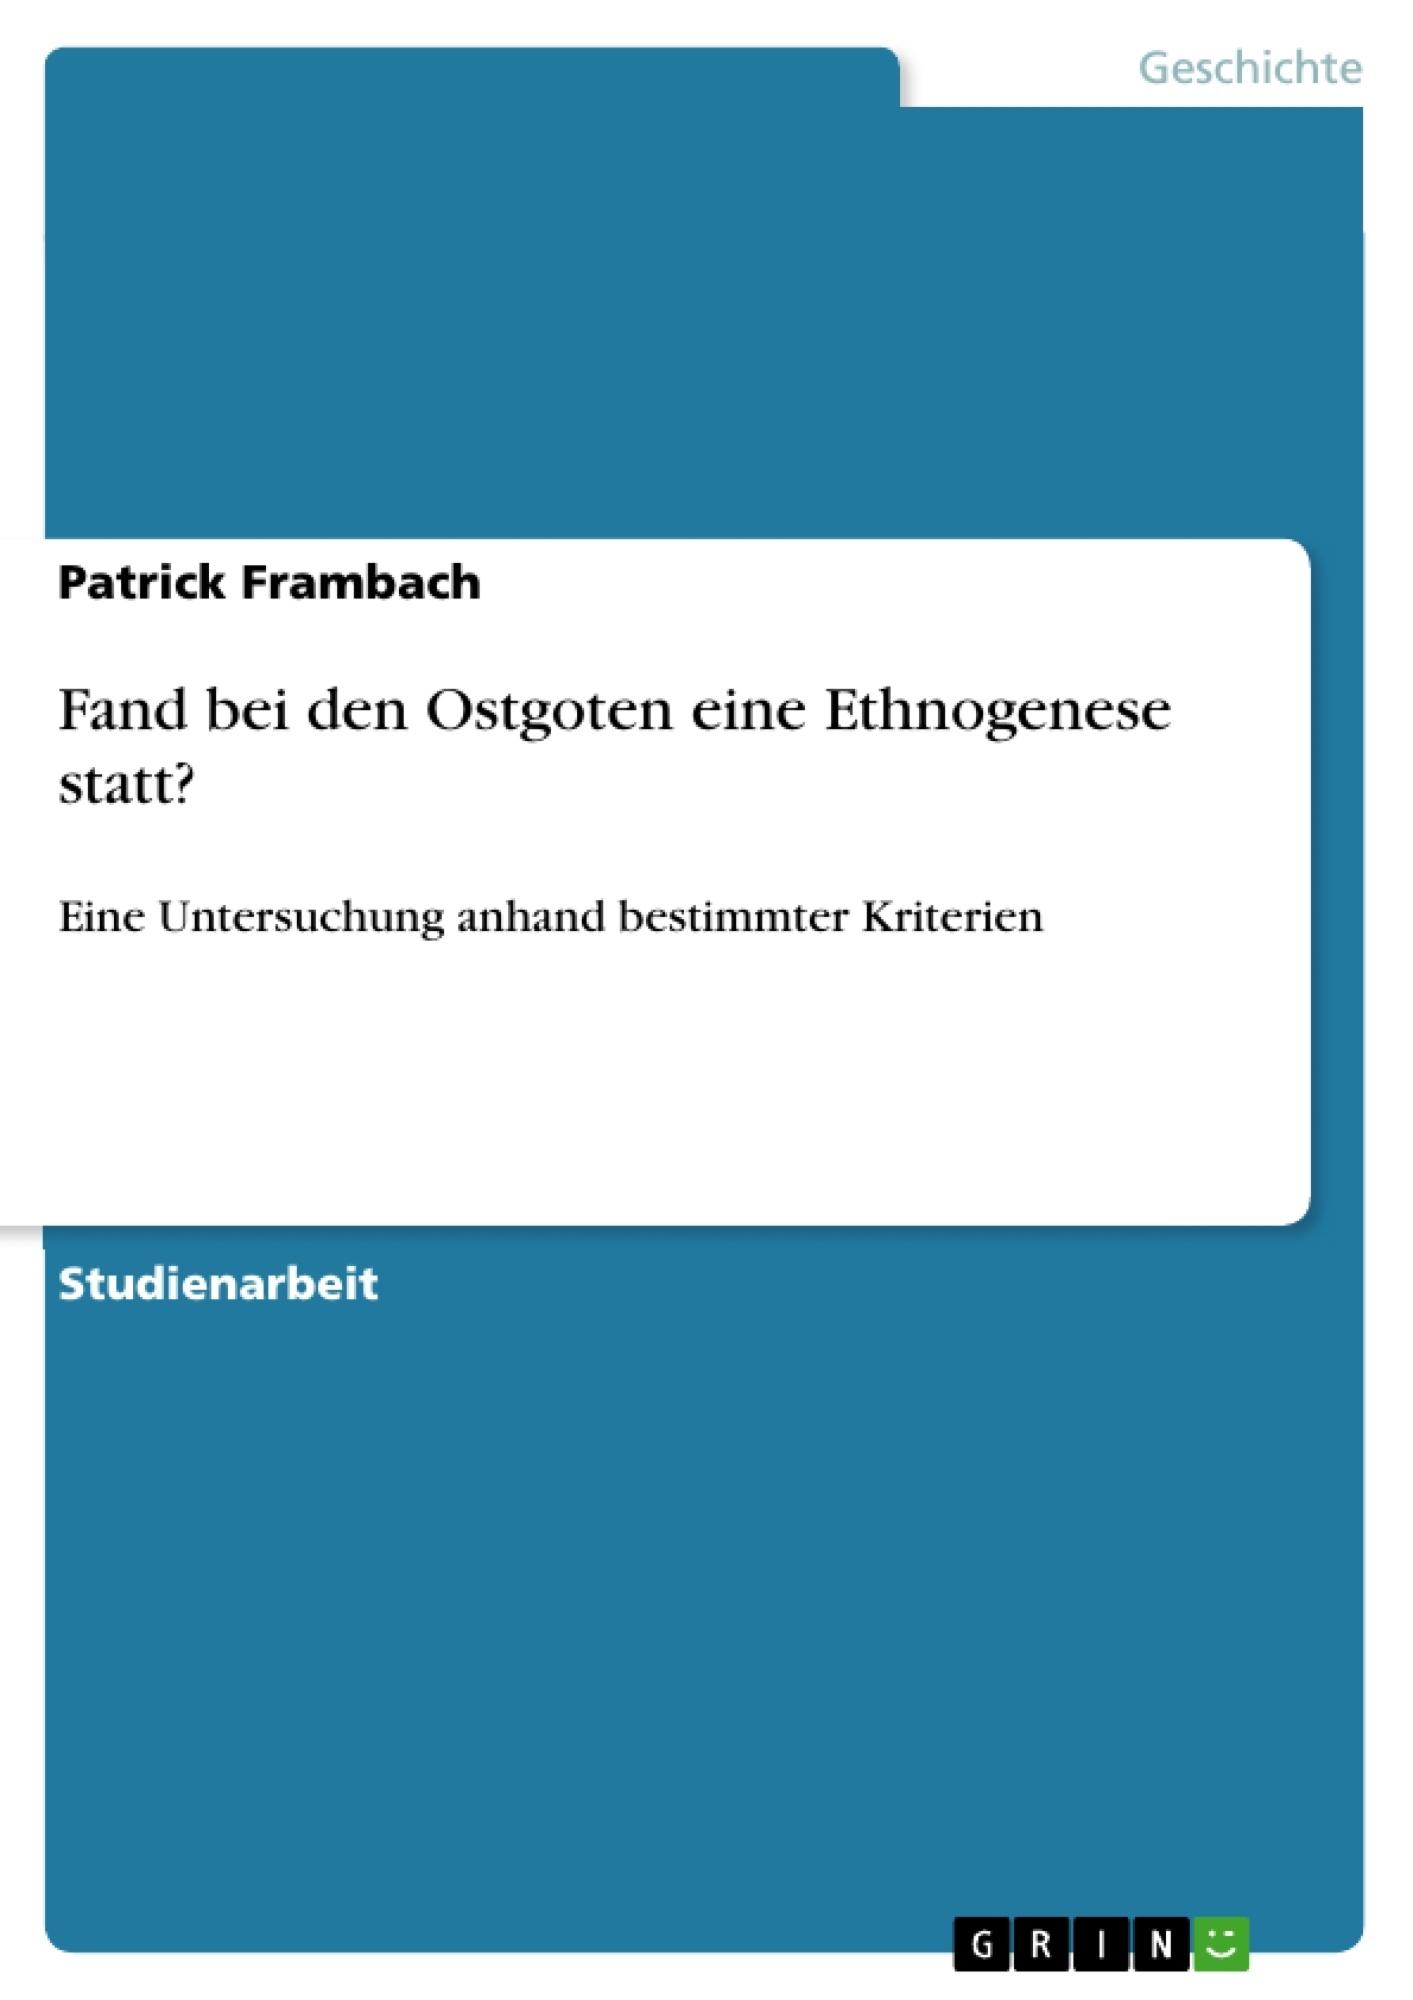 Titel: Fand bei den Ostgoten eine Ethnogenese statt?